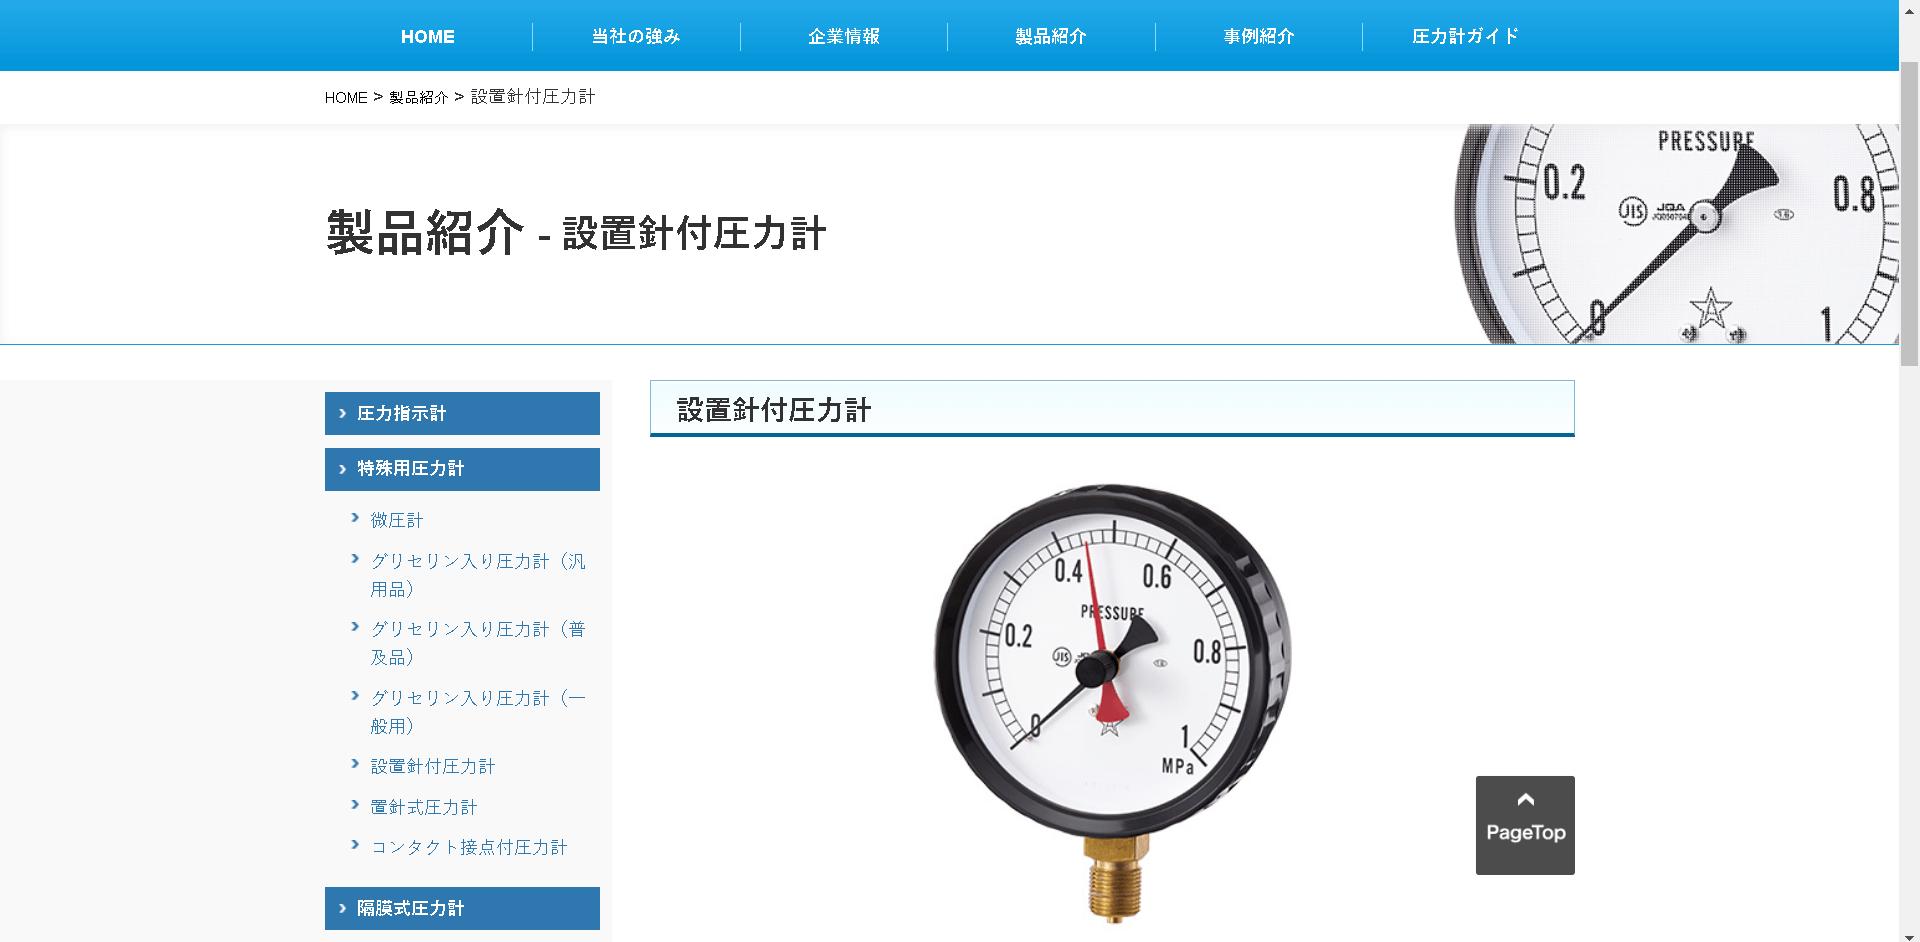 設置針付圧力計